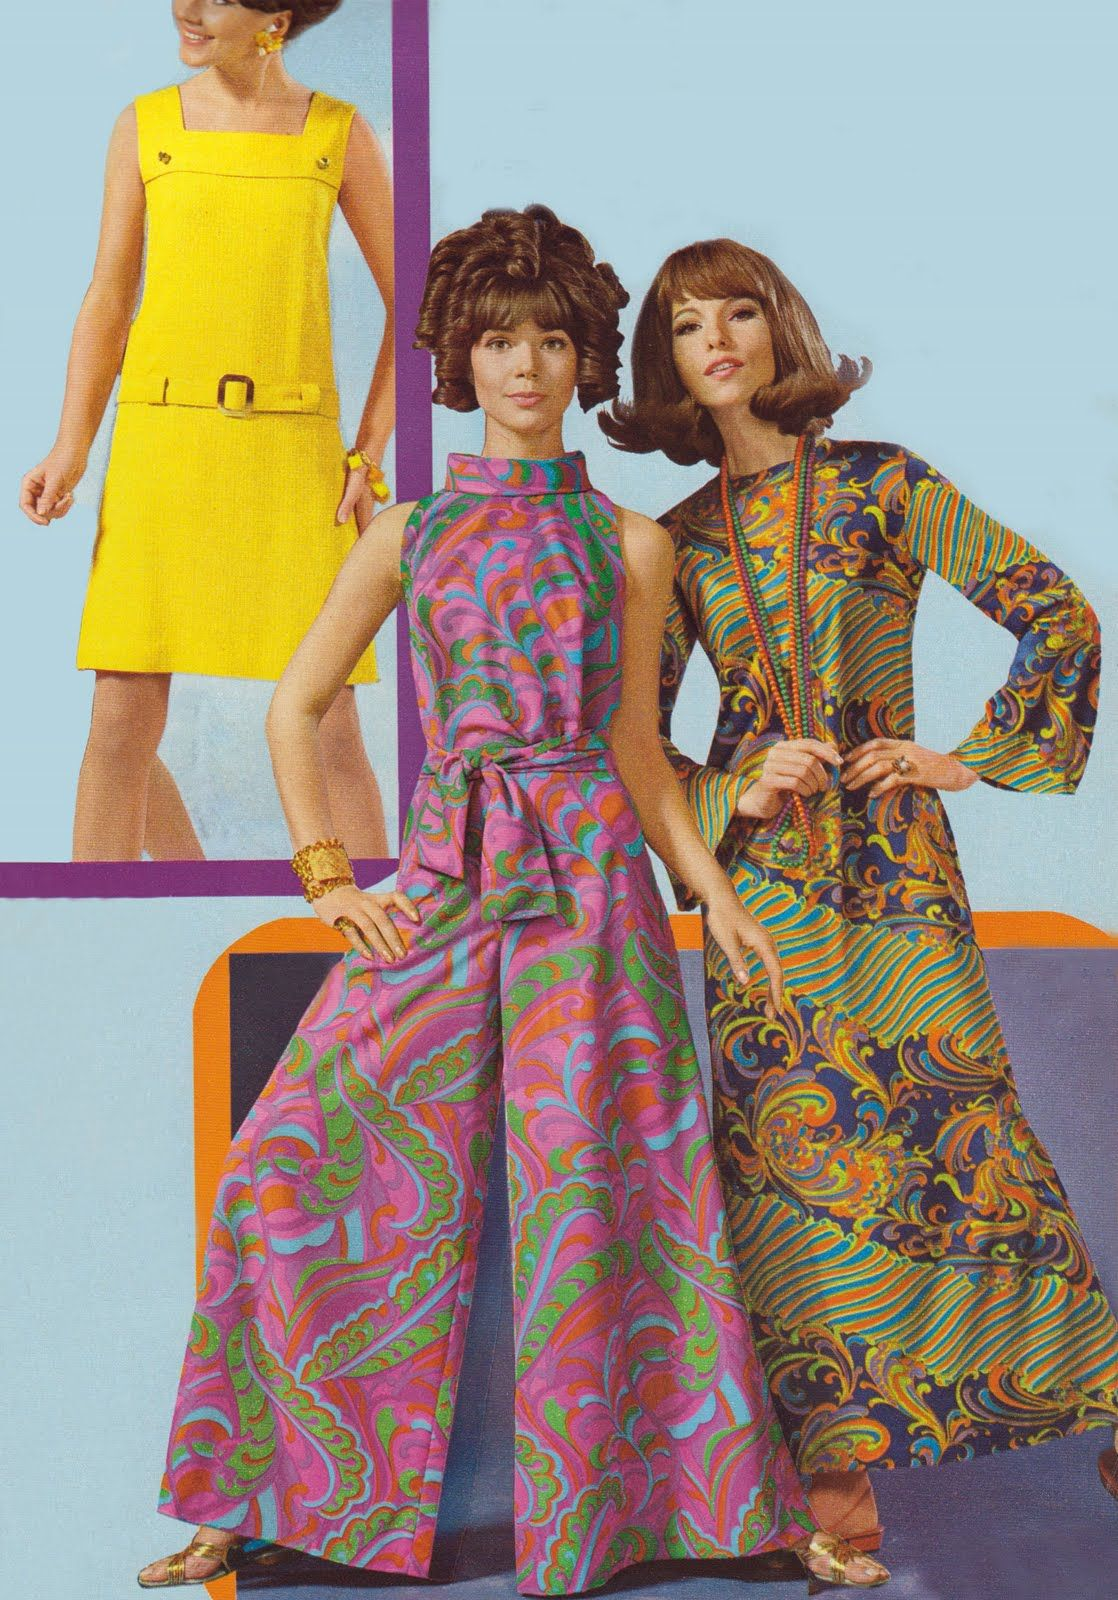 Cirugía Están familiarizados Conceder  Compulsiva Perú: Joyas y Complementos: Moda vintage: fotos e imagenes de la  moda de los años 60's | Moda de los años 60, Moda vintage, Vestidos de los  70